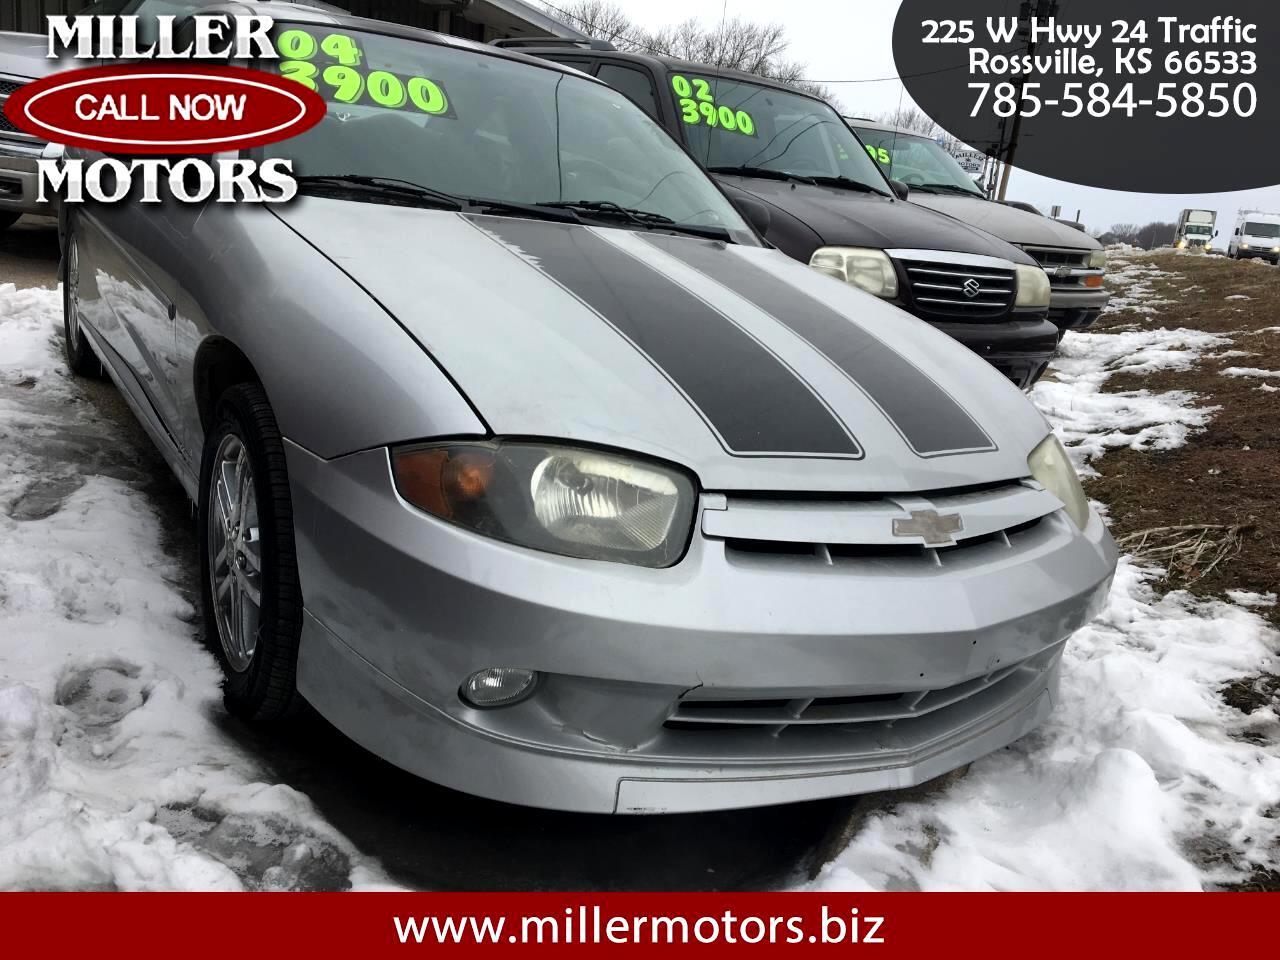 2004 Chevrolet Cavalier 2dr Cpe LS Sport